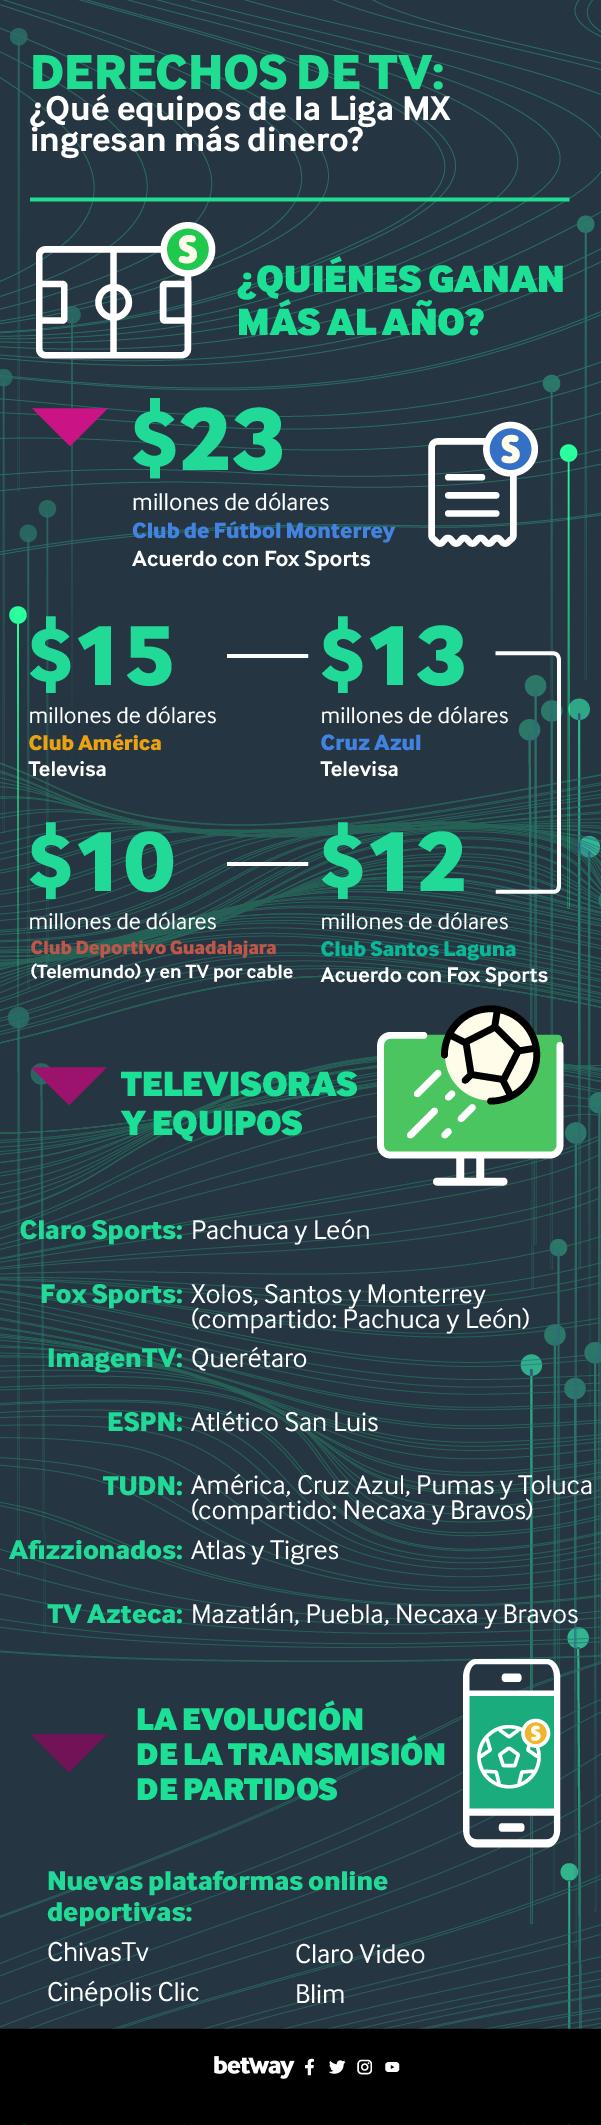 Liga Mx, precursora de exclusividad en servicios de streaming